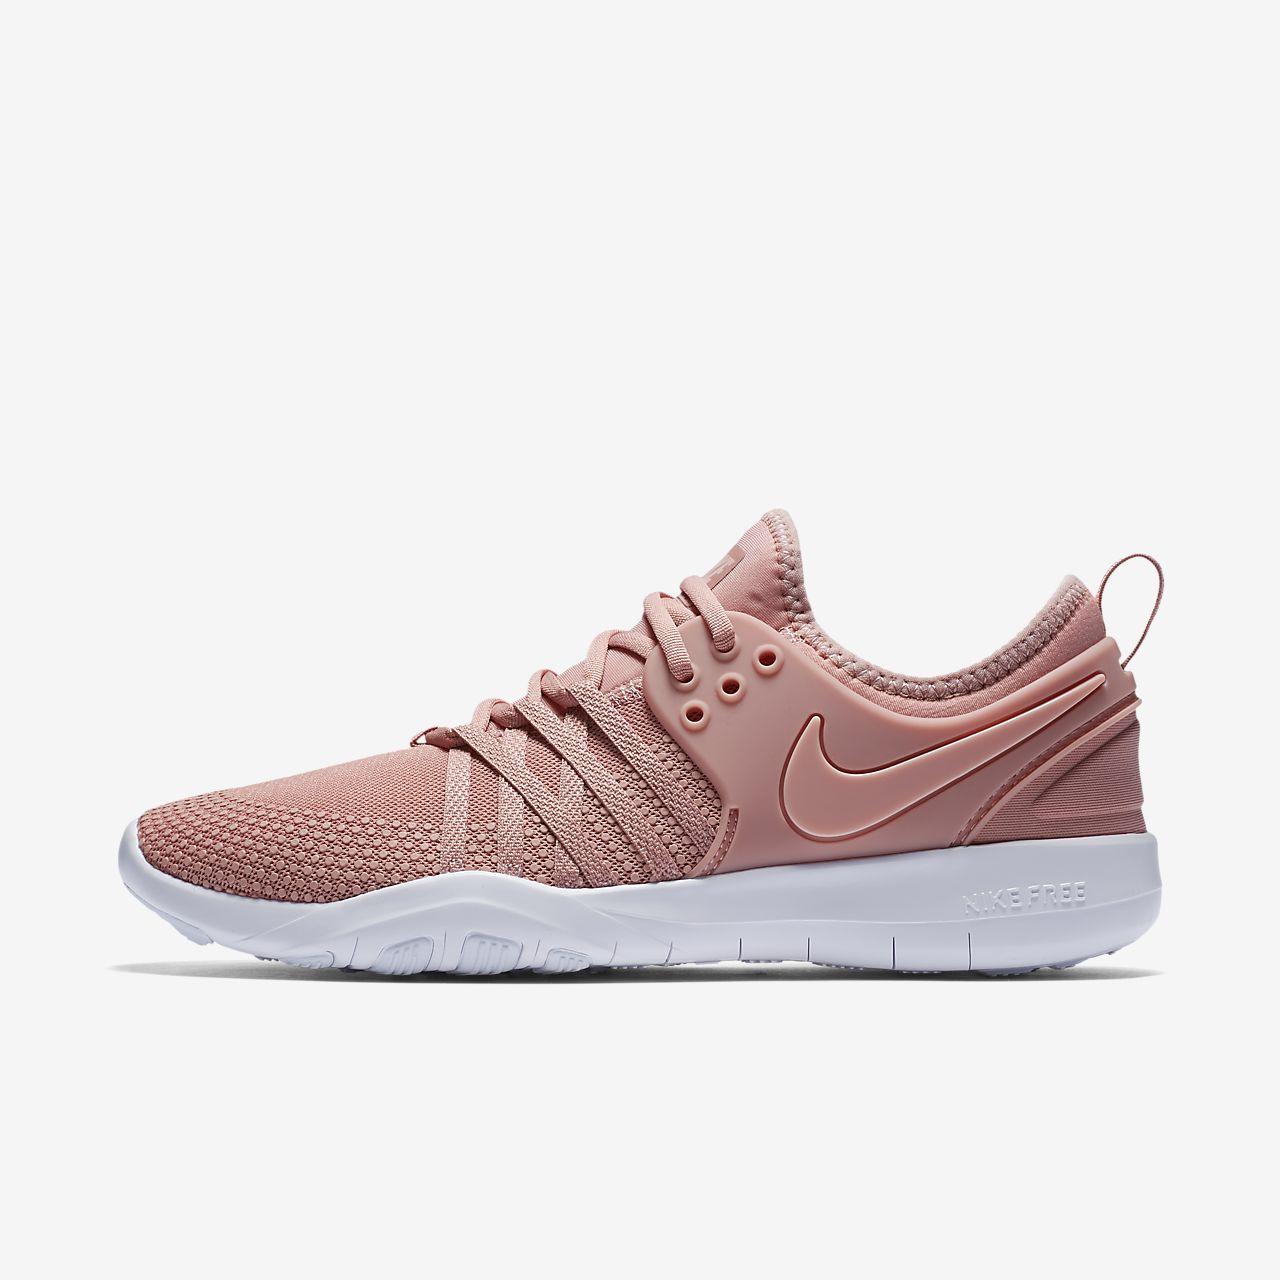 Nike Gratuit 14br40g4dim / 830